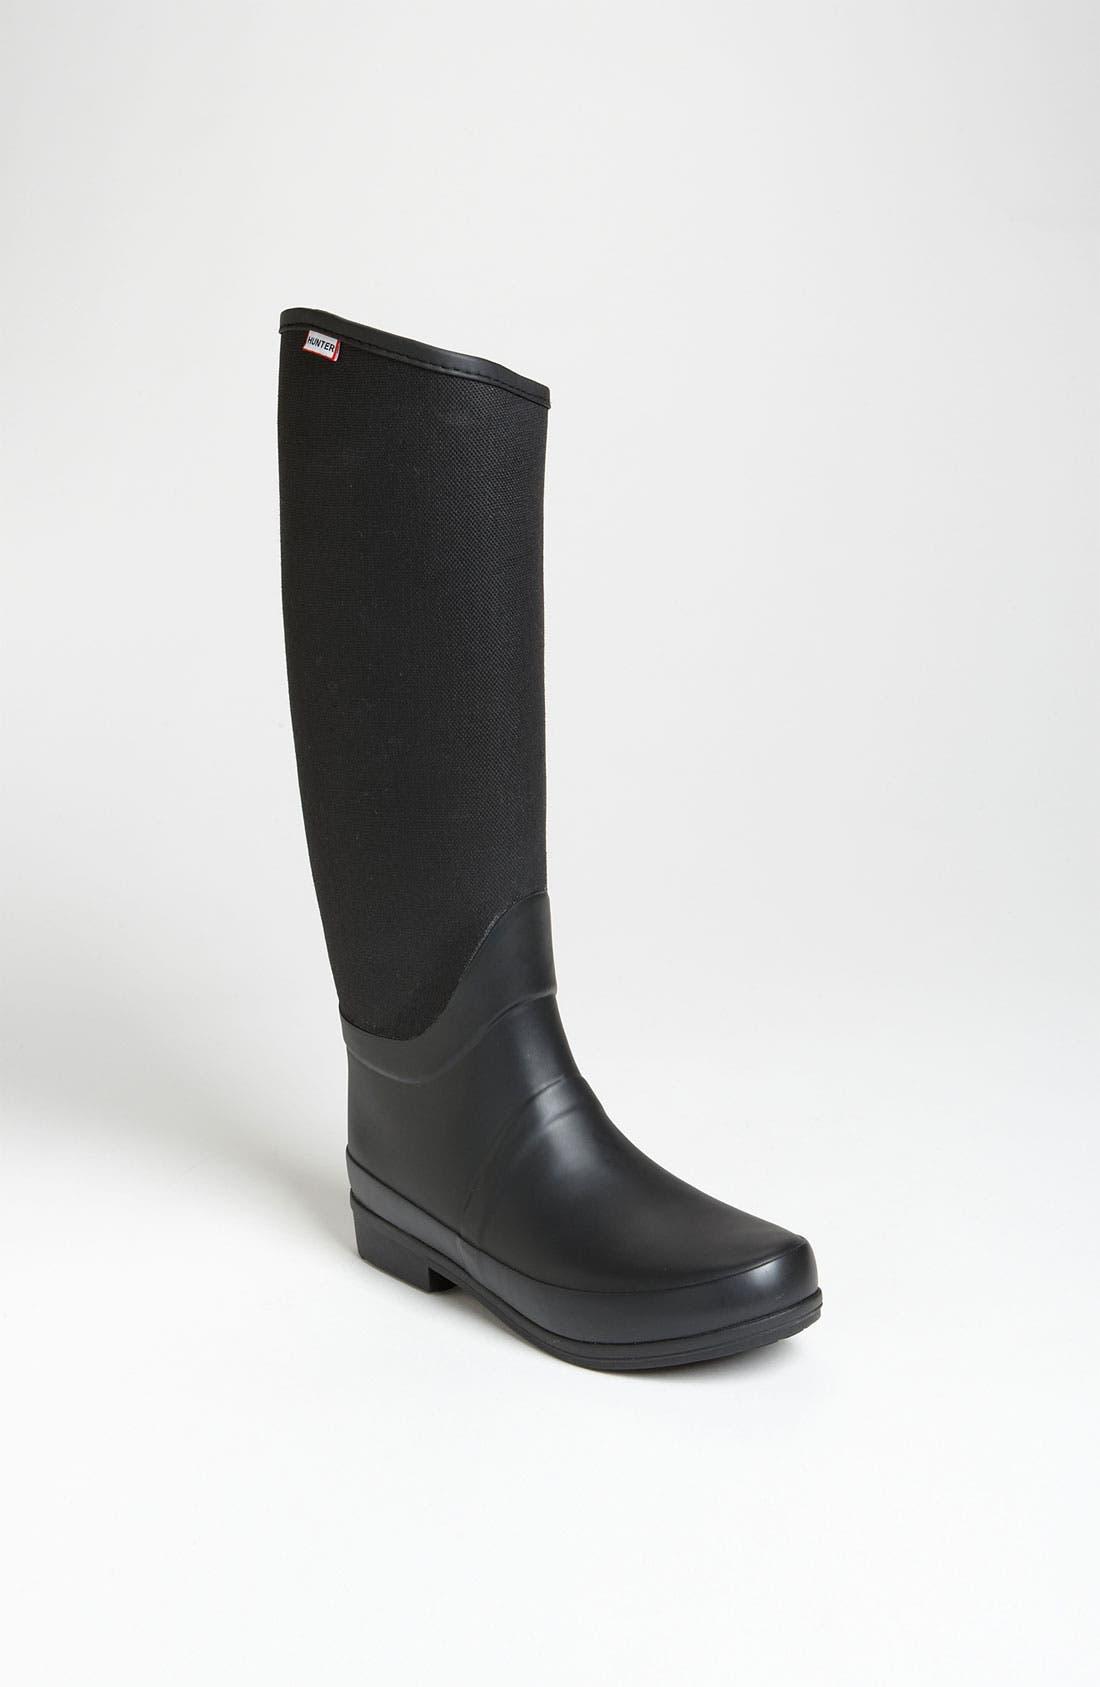 Alternate Image 1 Selected - Hunter 'Regent St. James' Rain Boot (Women)